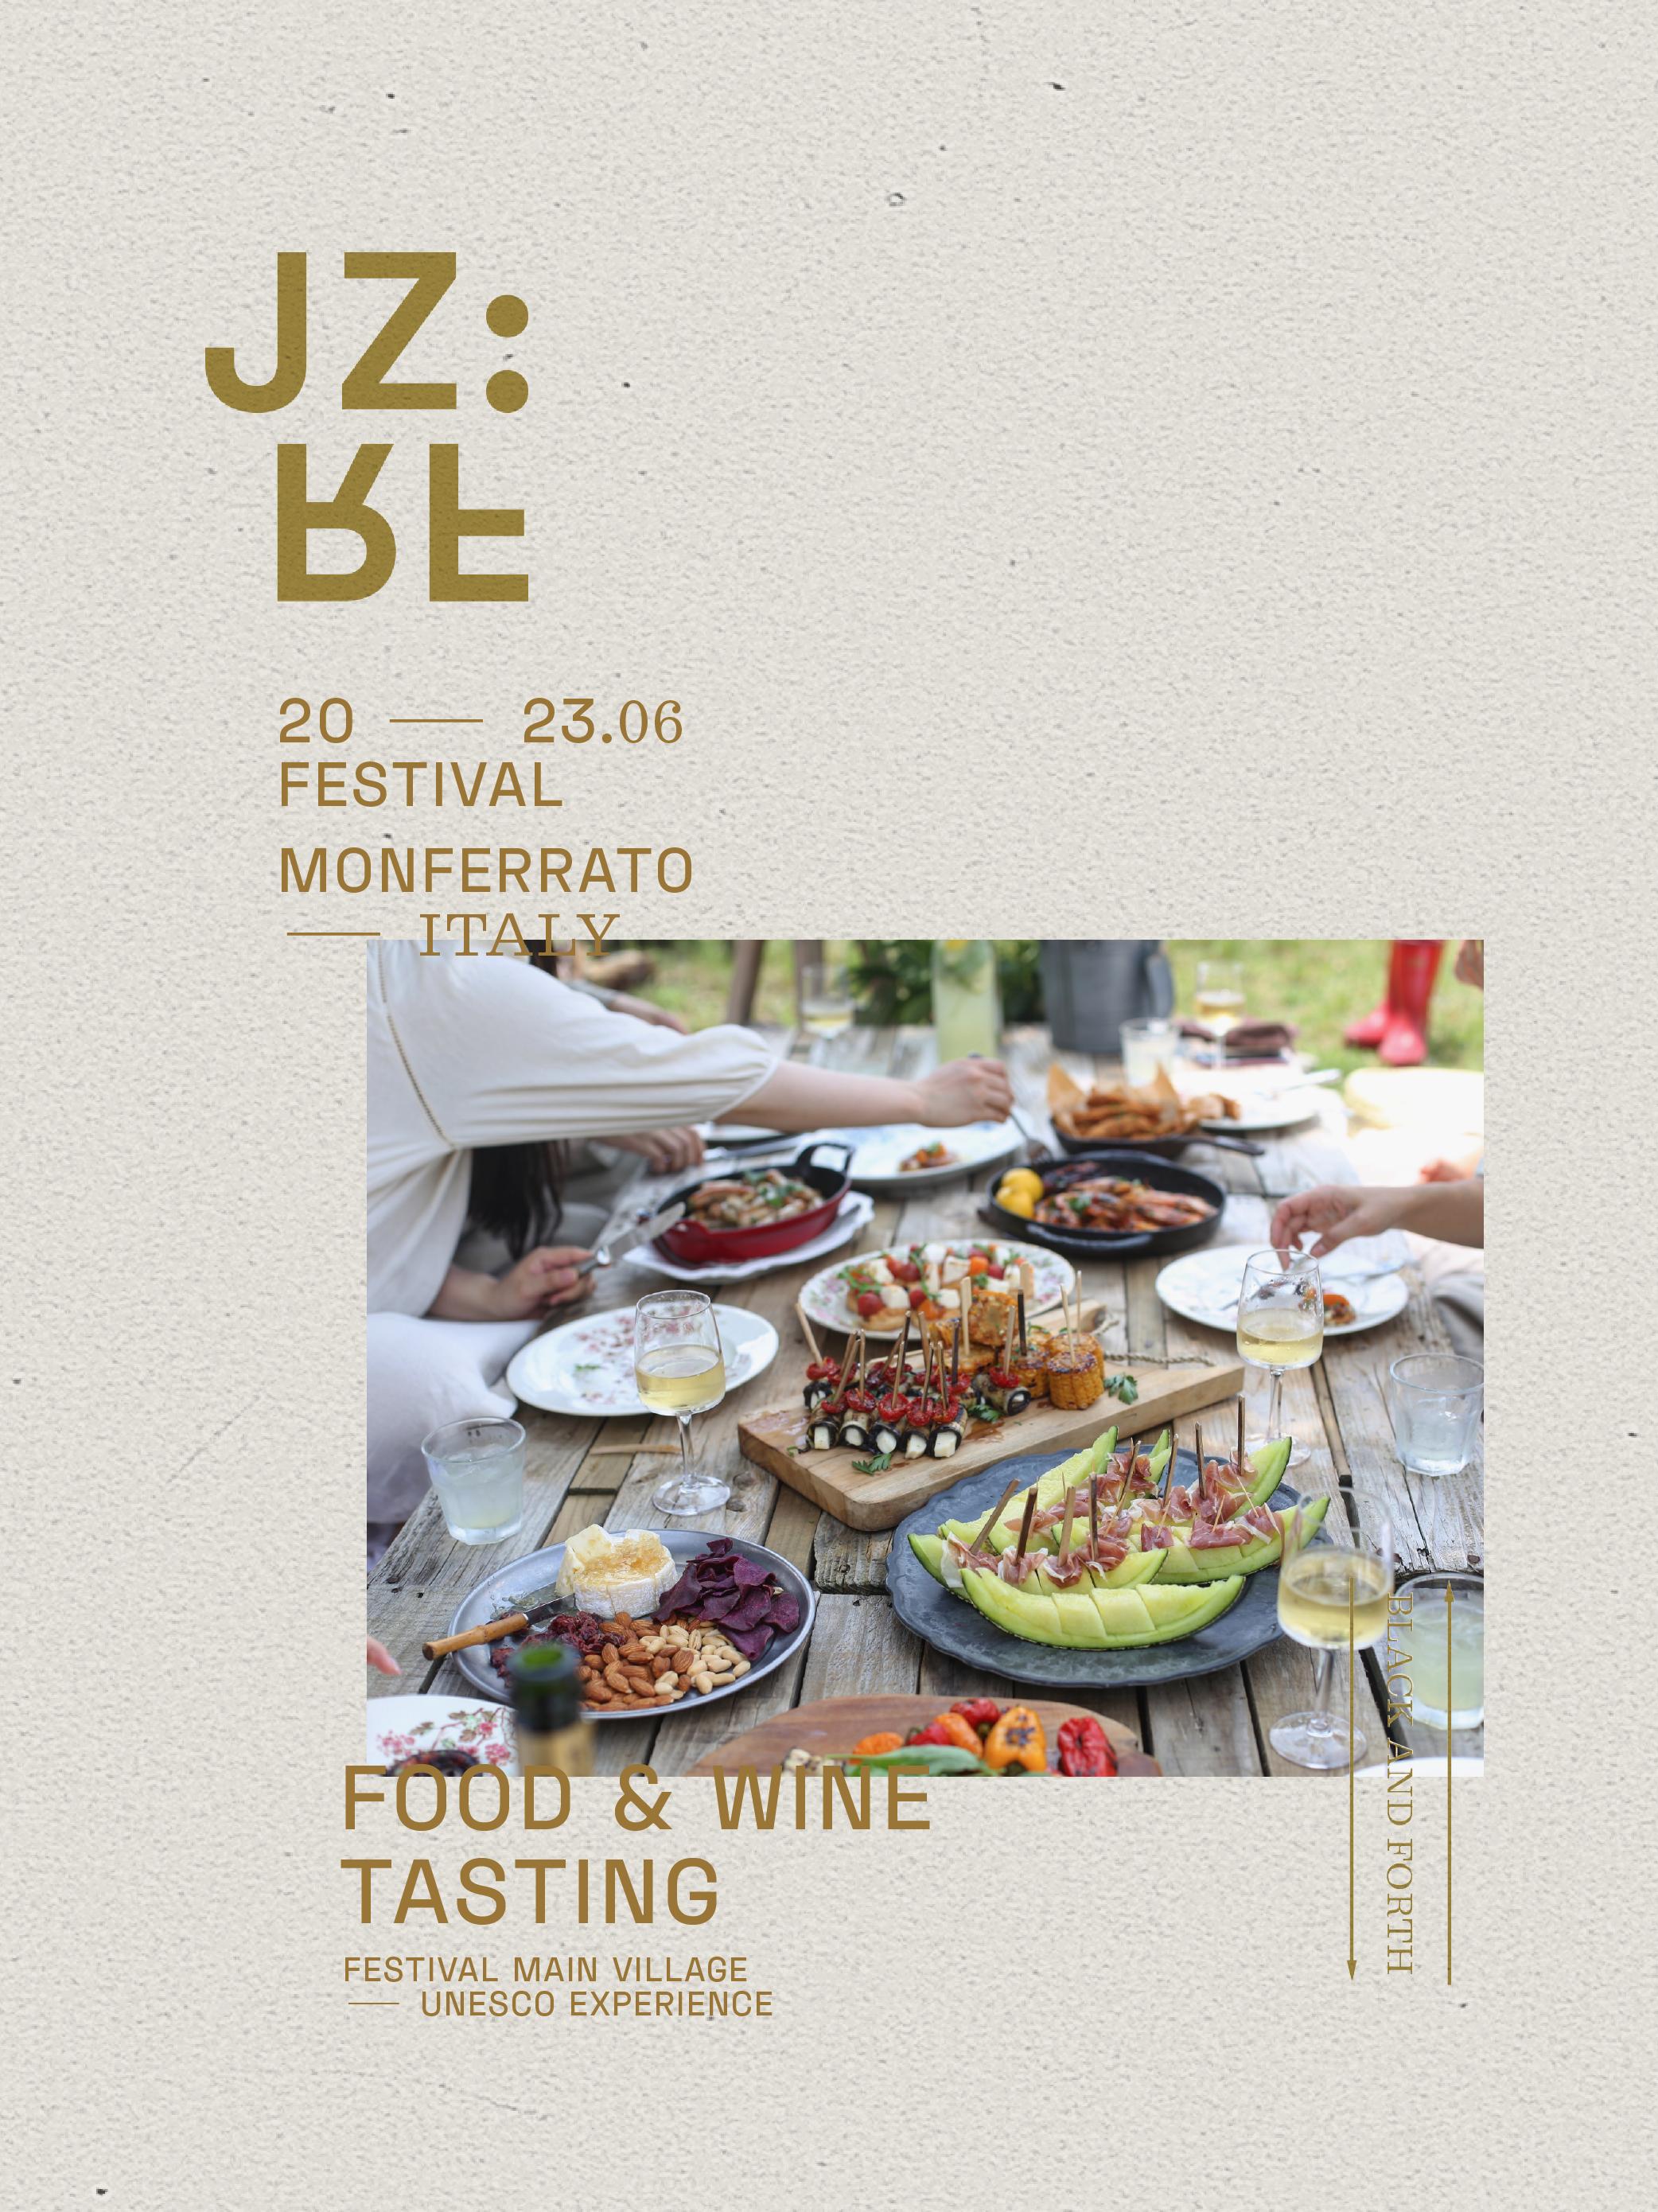 JRF_FOOD&WINETASTING.png